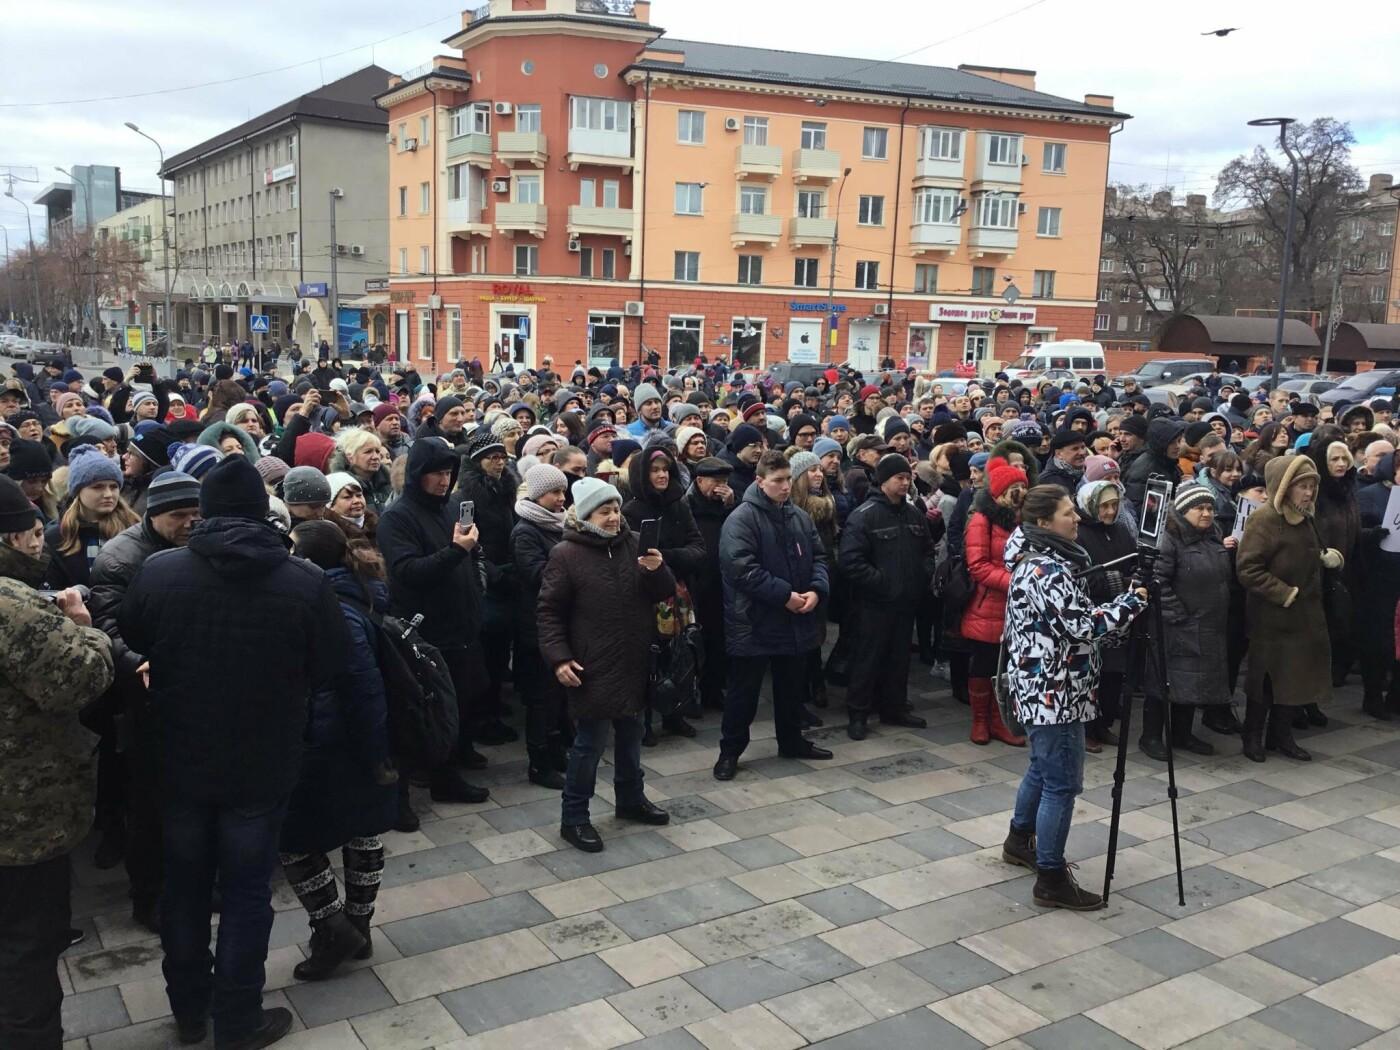 Мариупольцы митингуют против повышения тарифов на проезд, - ФОТО, ВИДЕО, Дополняется, фото-11